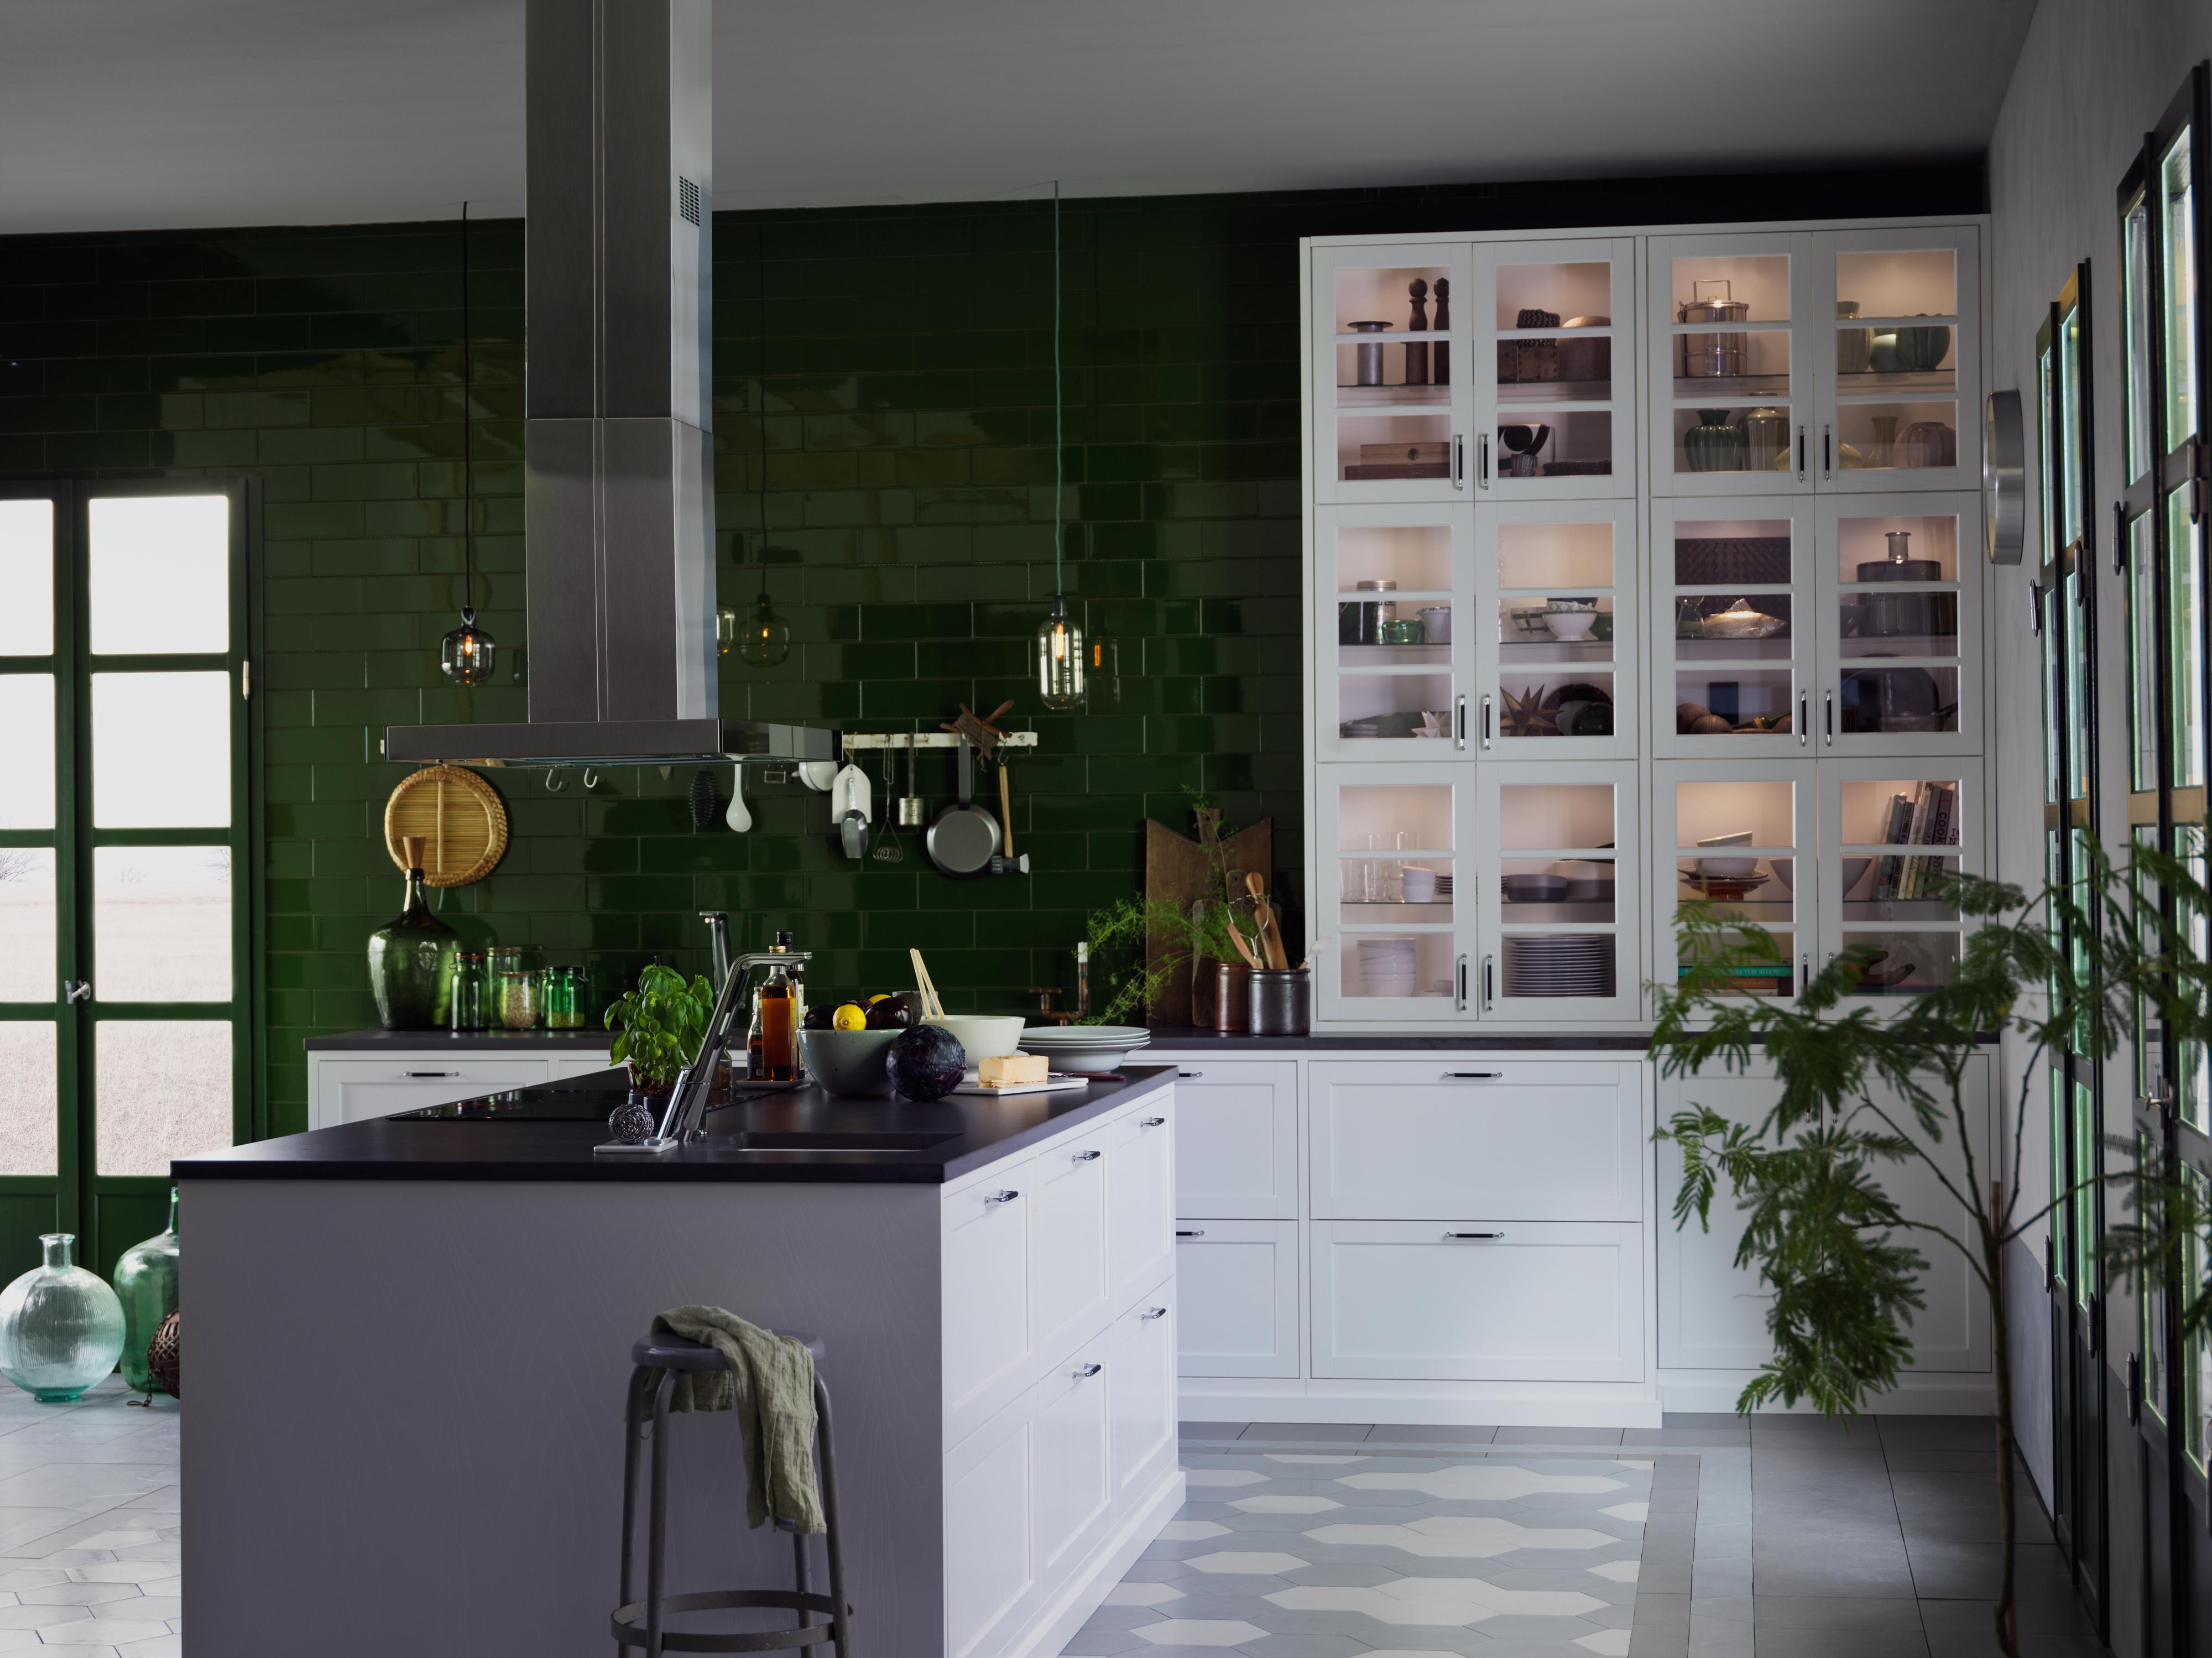 Oppdatert Slik lyssetter du hjemmet - rom for rom | Huseierne TX-55